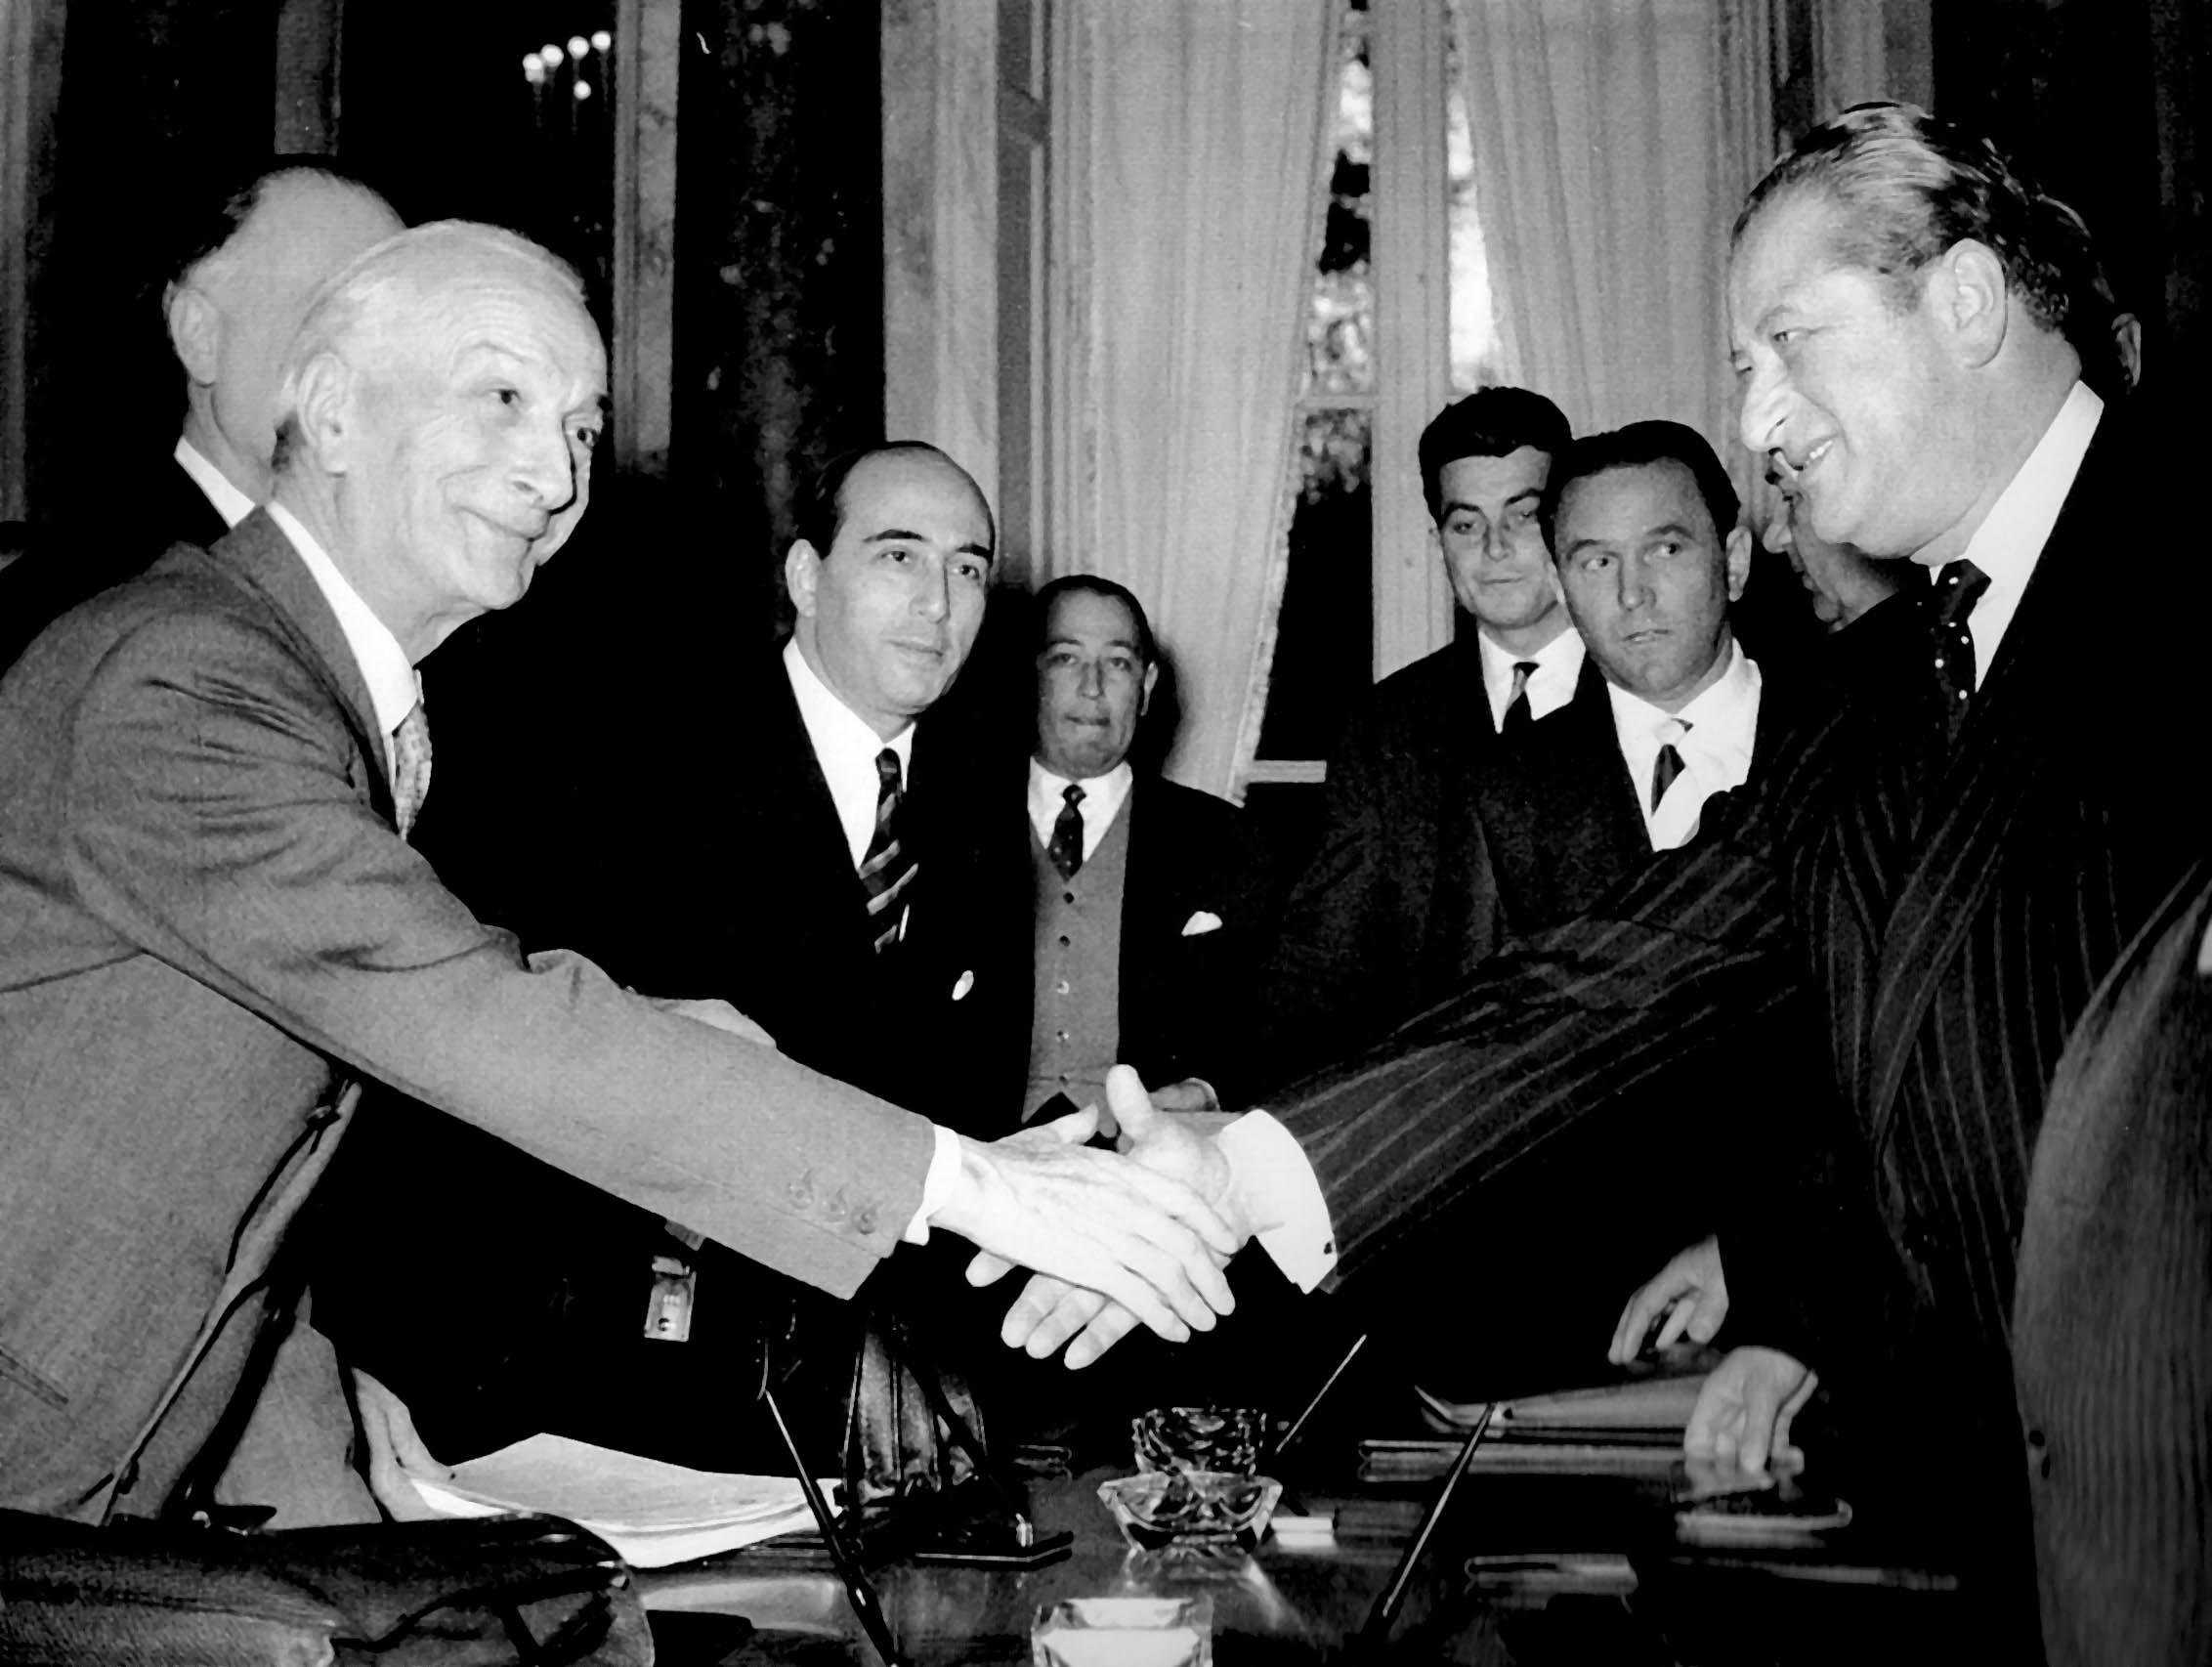 Bei den Verhandlungen warnte der österreichische Außenminister Bruno Kreisky (rechts) die italienische Seite eindringlich. Der italienische Außenminister Segni (links) und seine Delegation waren aber unbelehrbar.